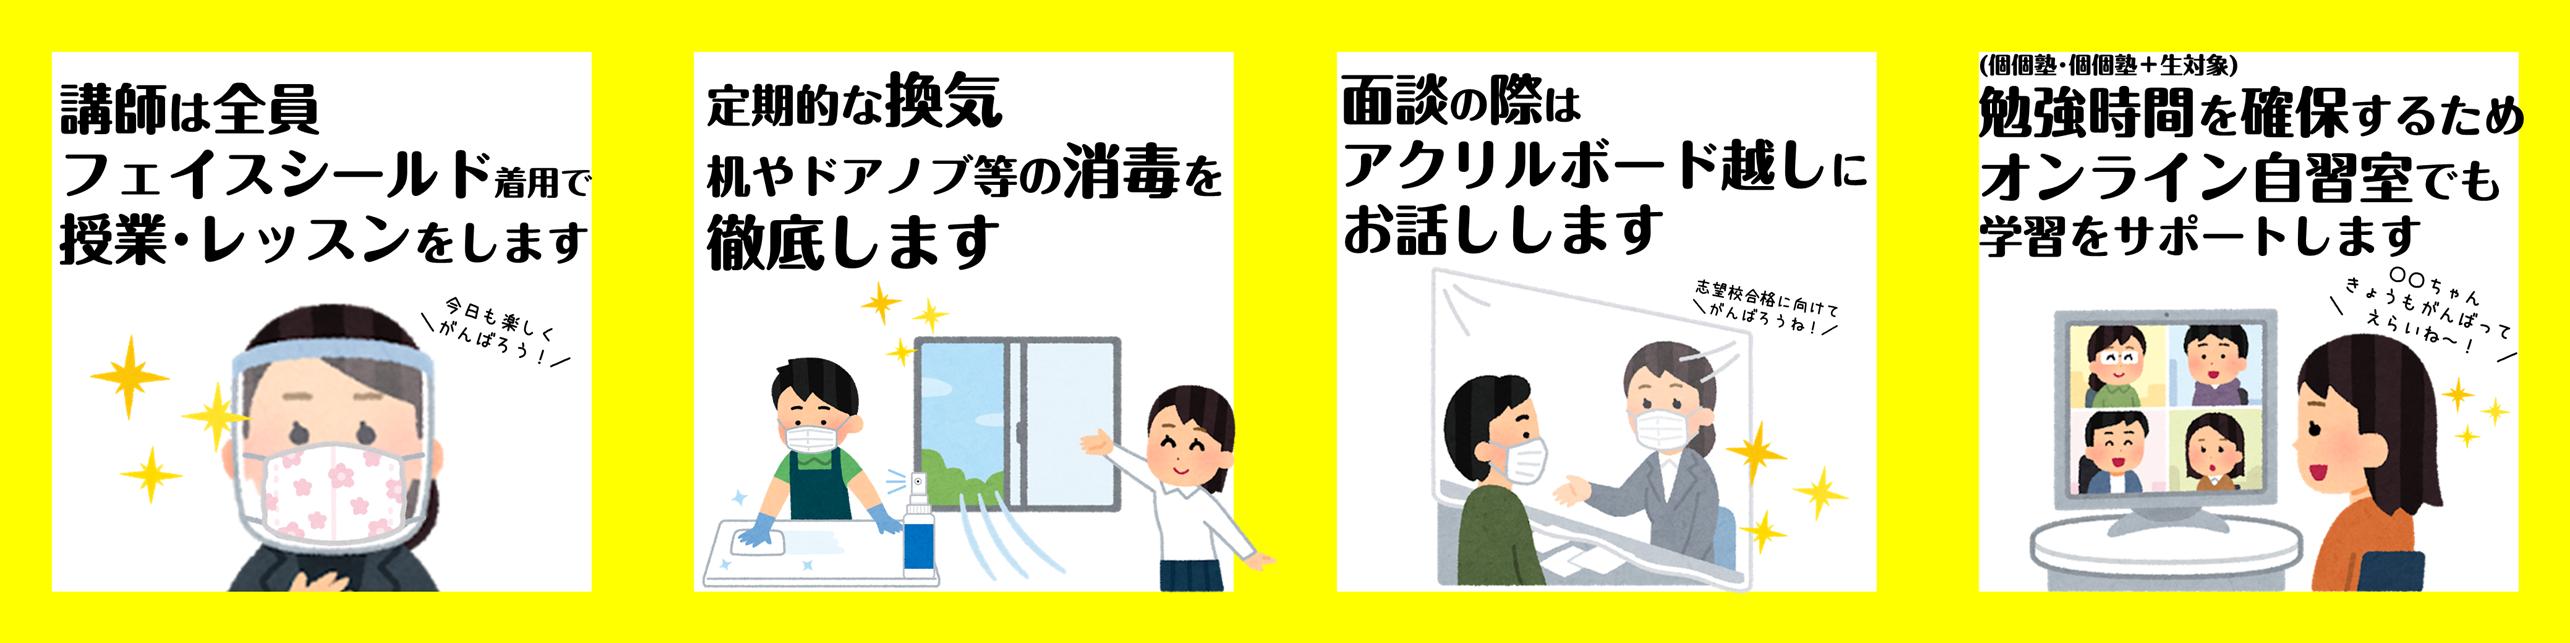 京都 山科 塾 コロナ 対策